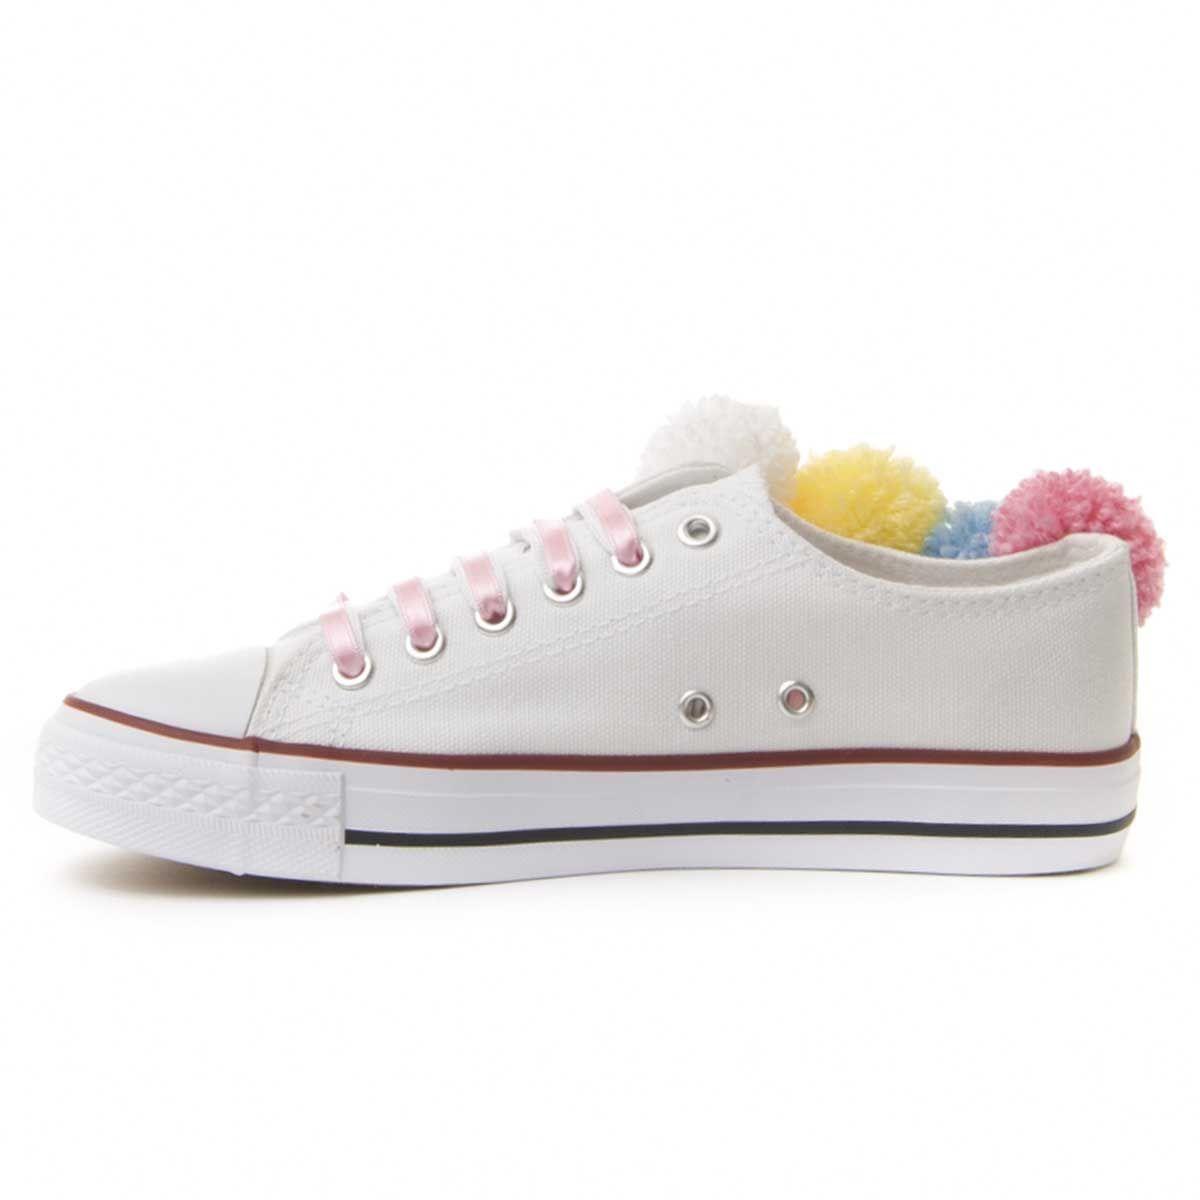 Montevita Pom Pom Sneaker in White